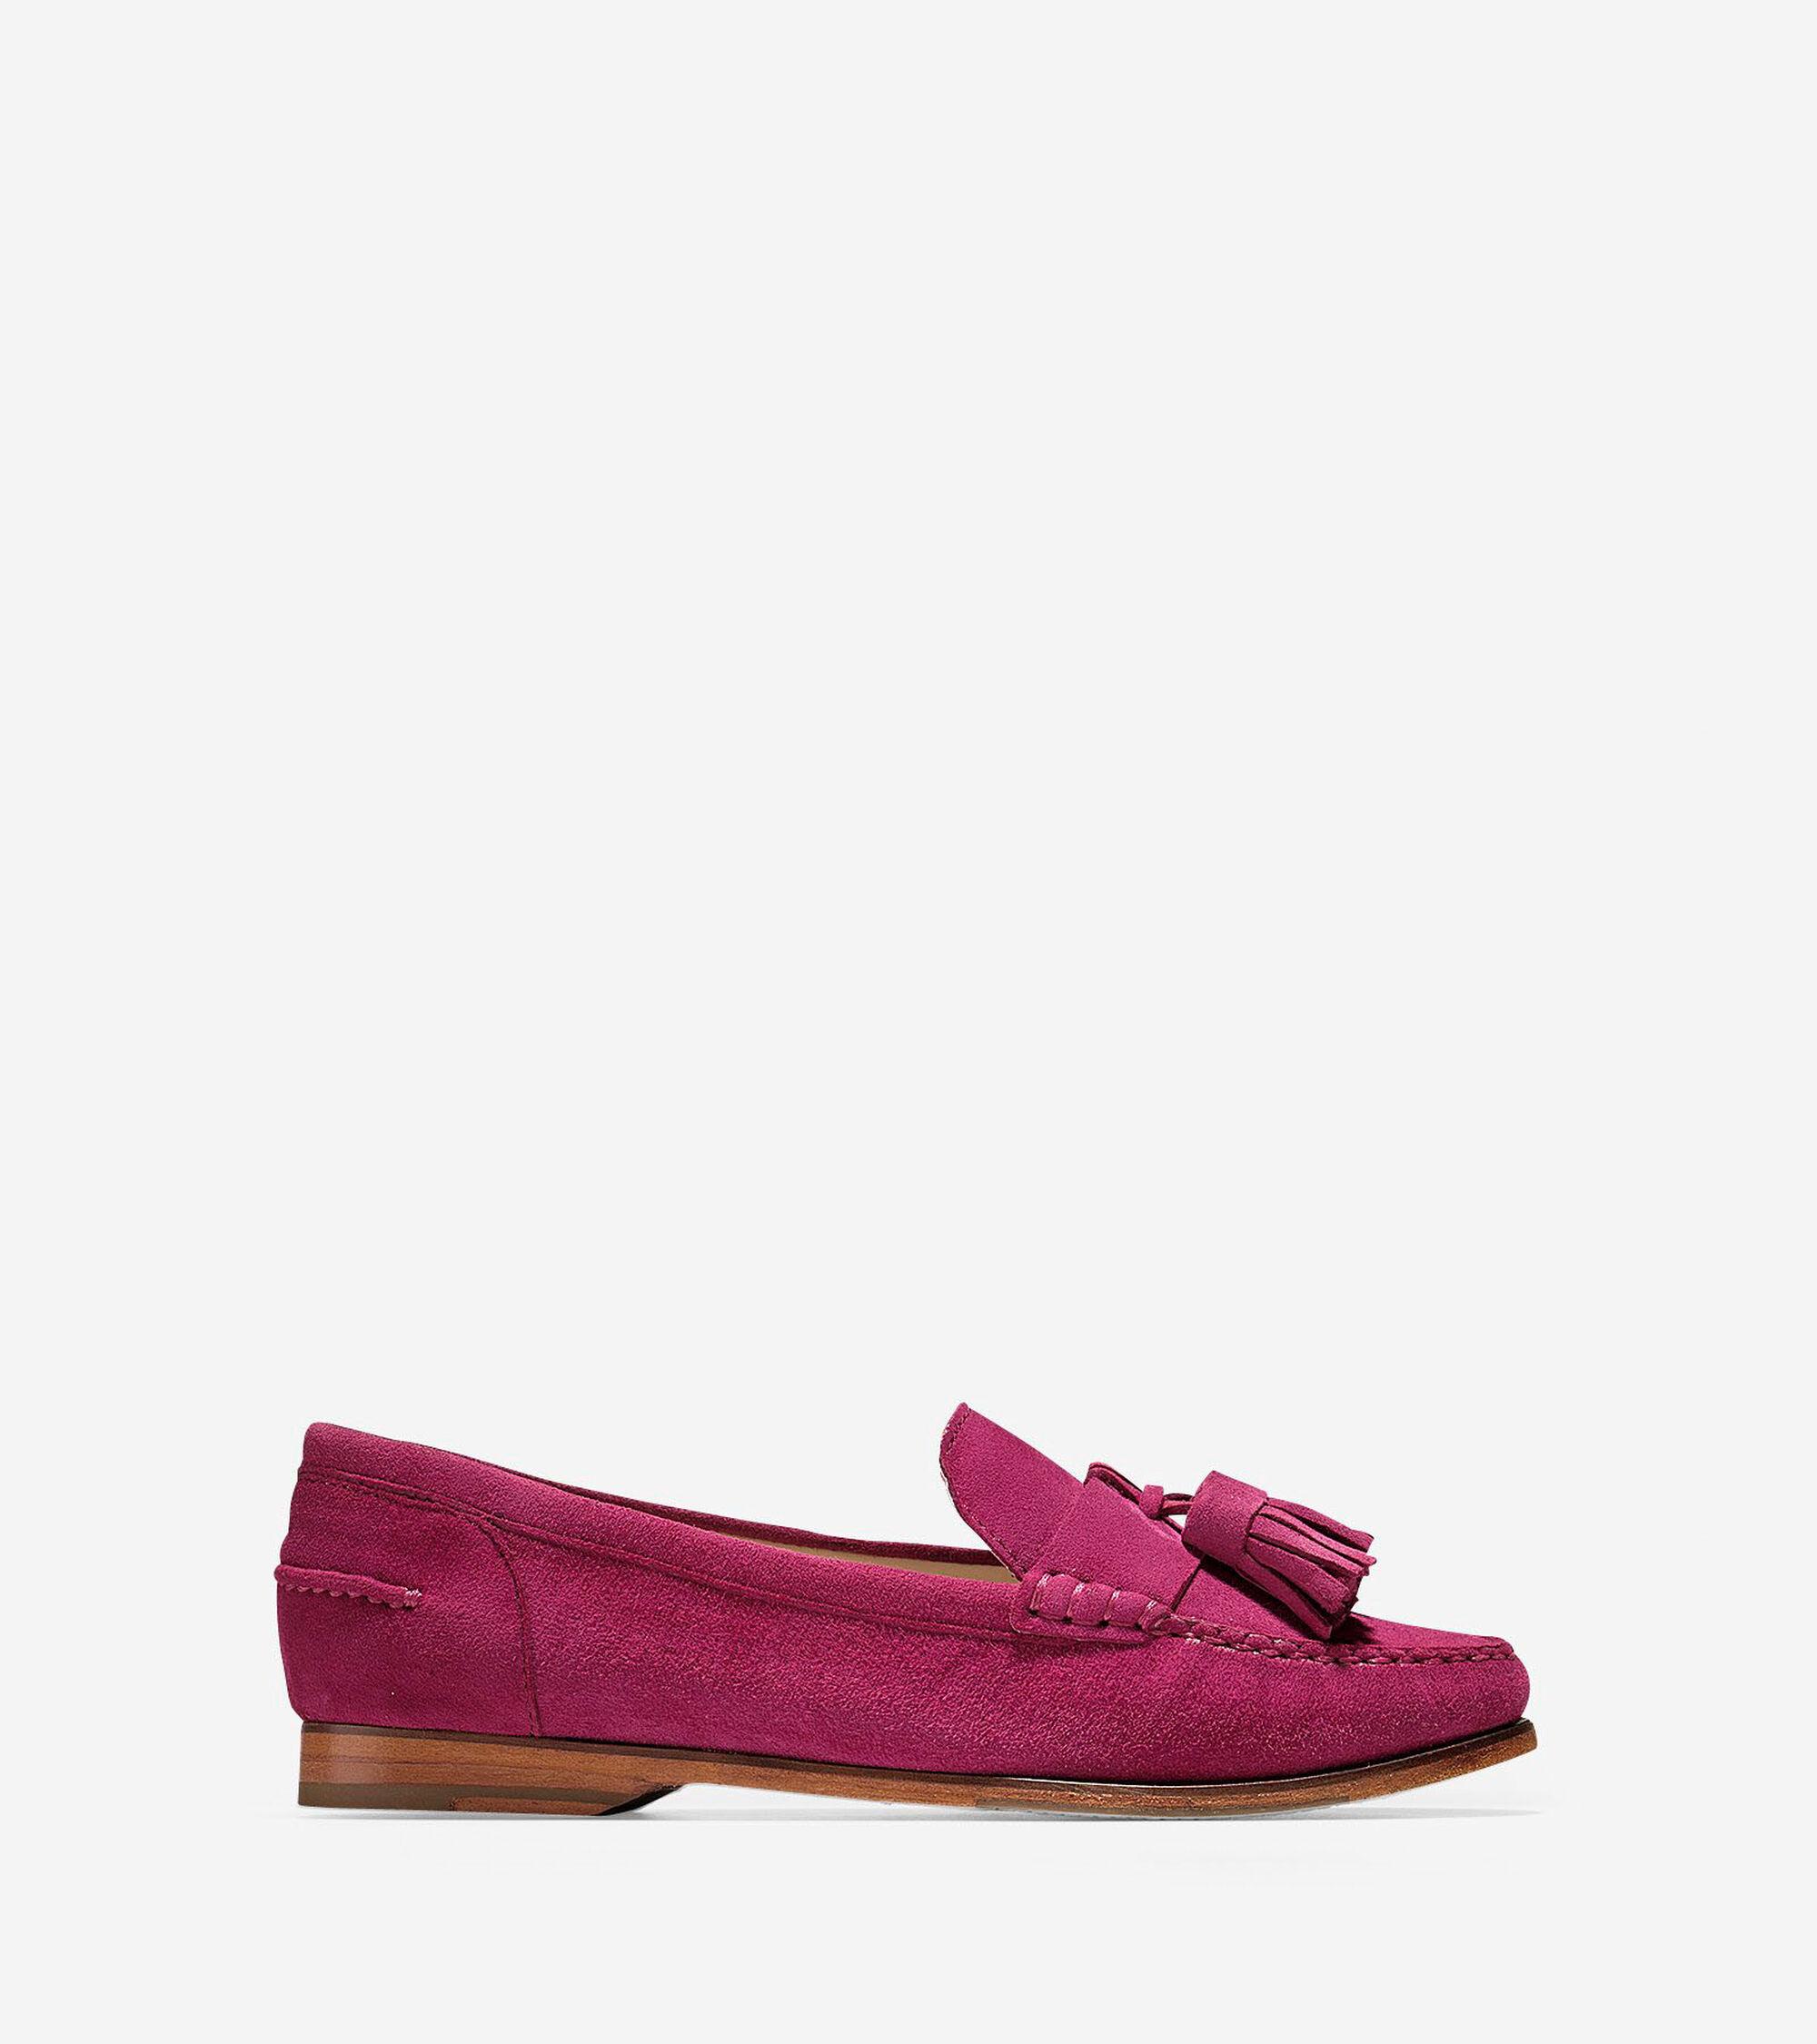 e4807dec764 Pinch Grand Tassel Loafers in Cabernet Suede